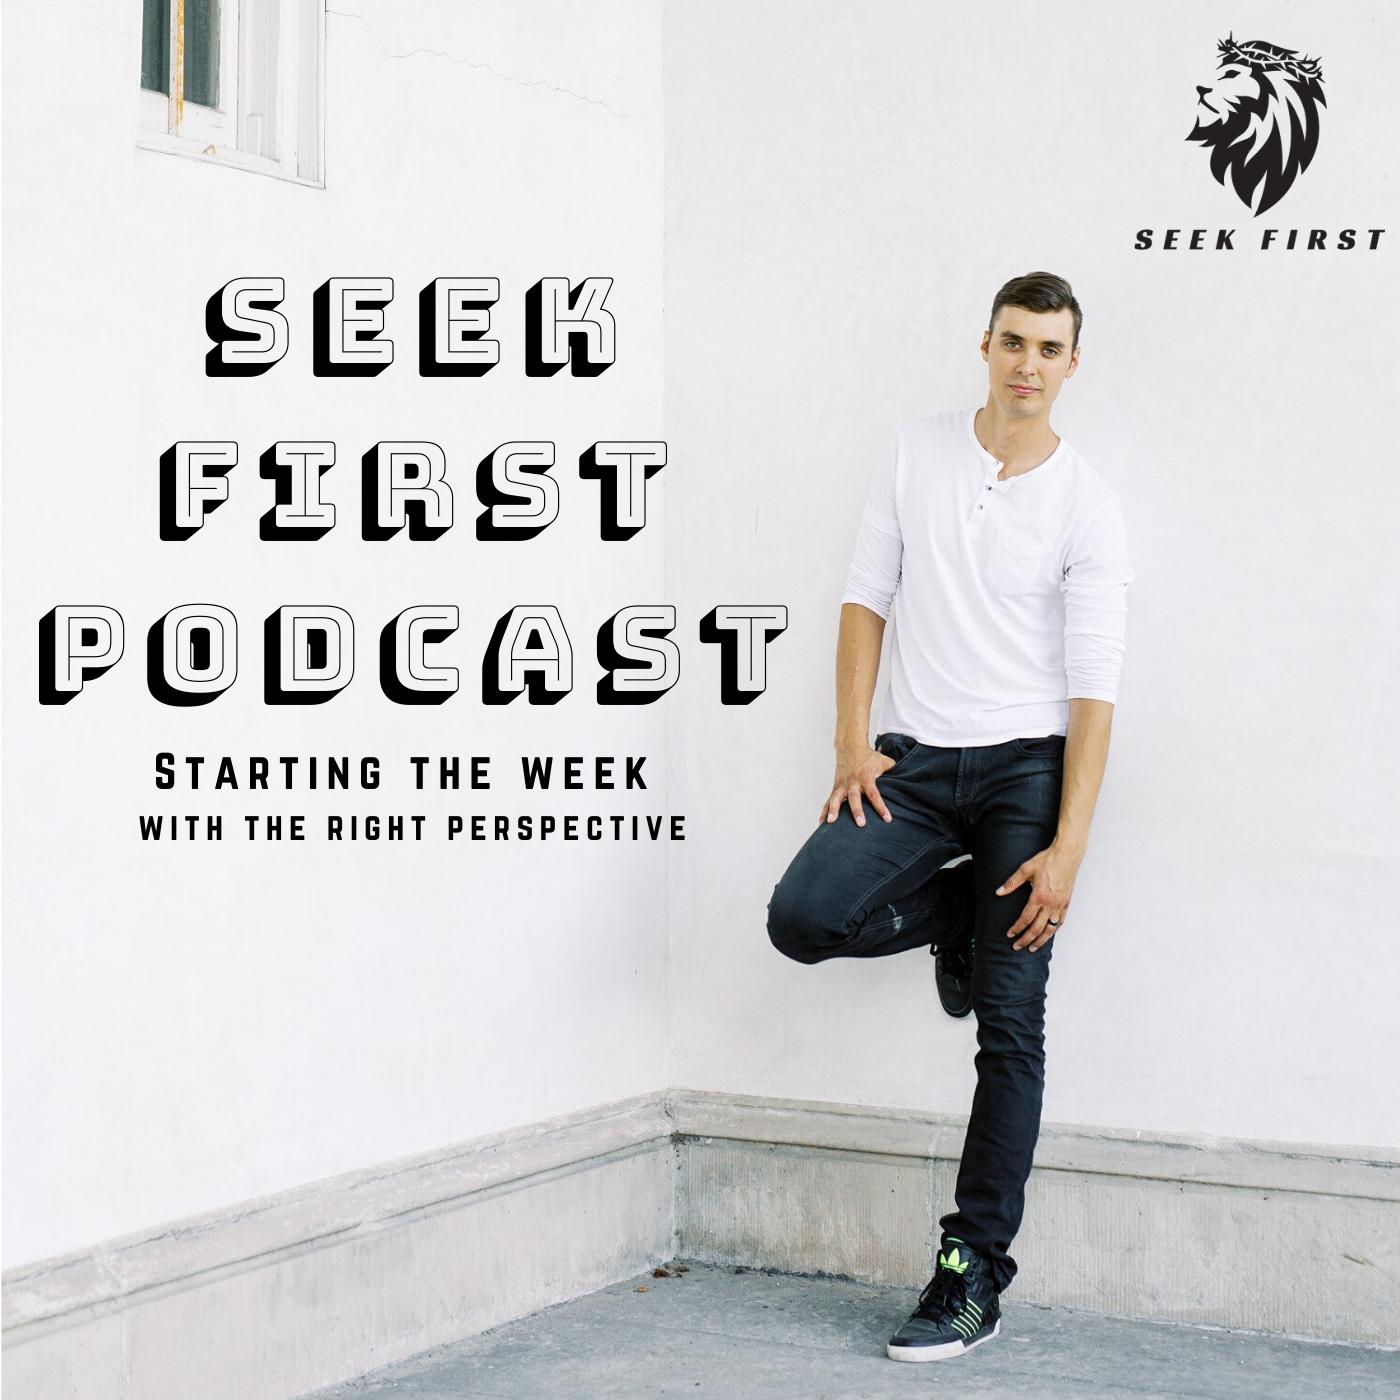 Seek First Podcast show art